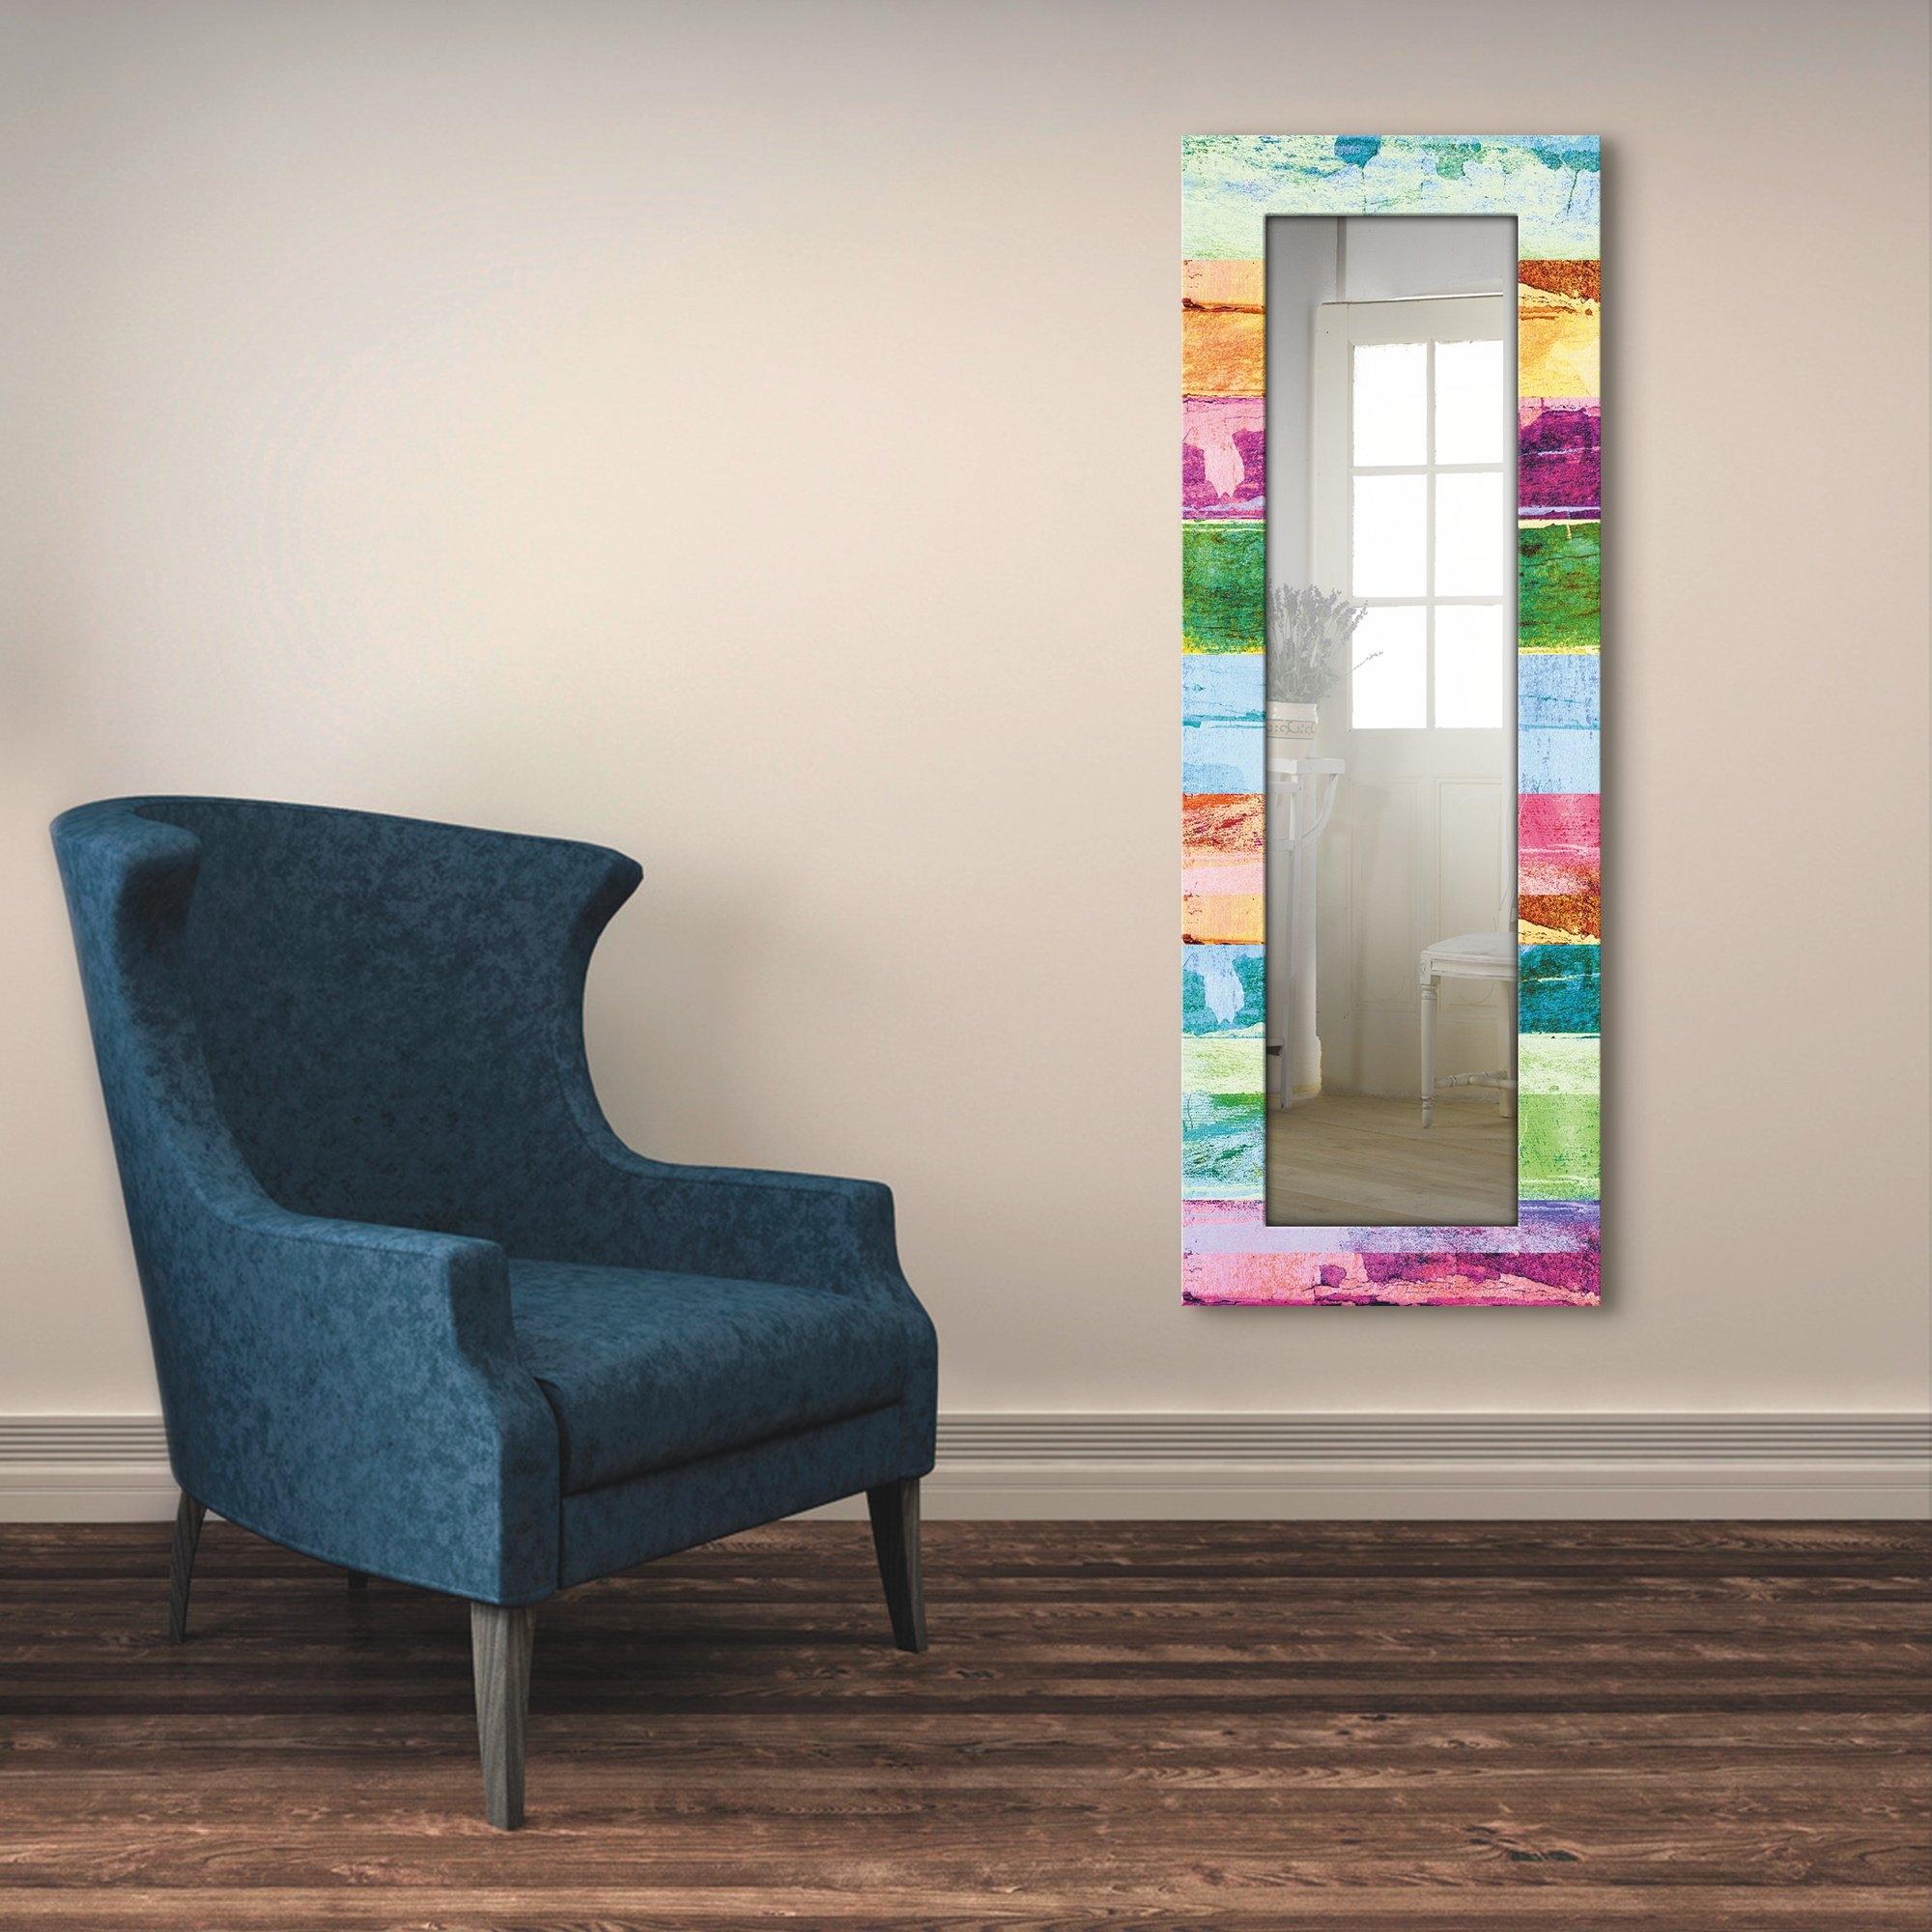 Artland wandspiegel Gekleurde houten achtergrond ingelijste spiegel voor het hele lichaam met motiefrand, geschikt voor kleine, smalle hal, halspiegel, mirror spiegel omrand om op te hangen online kopen op otto.nl